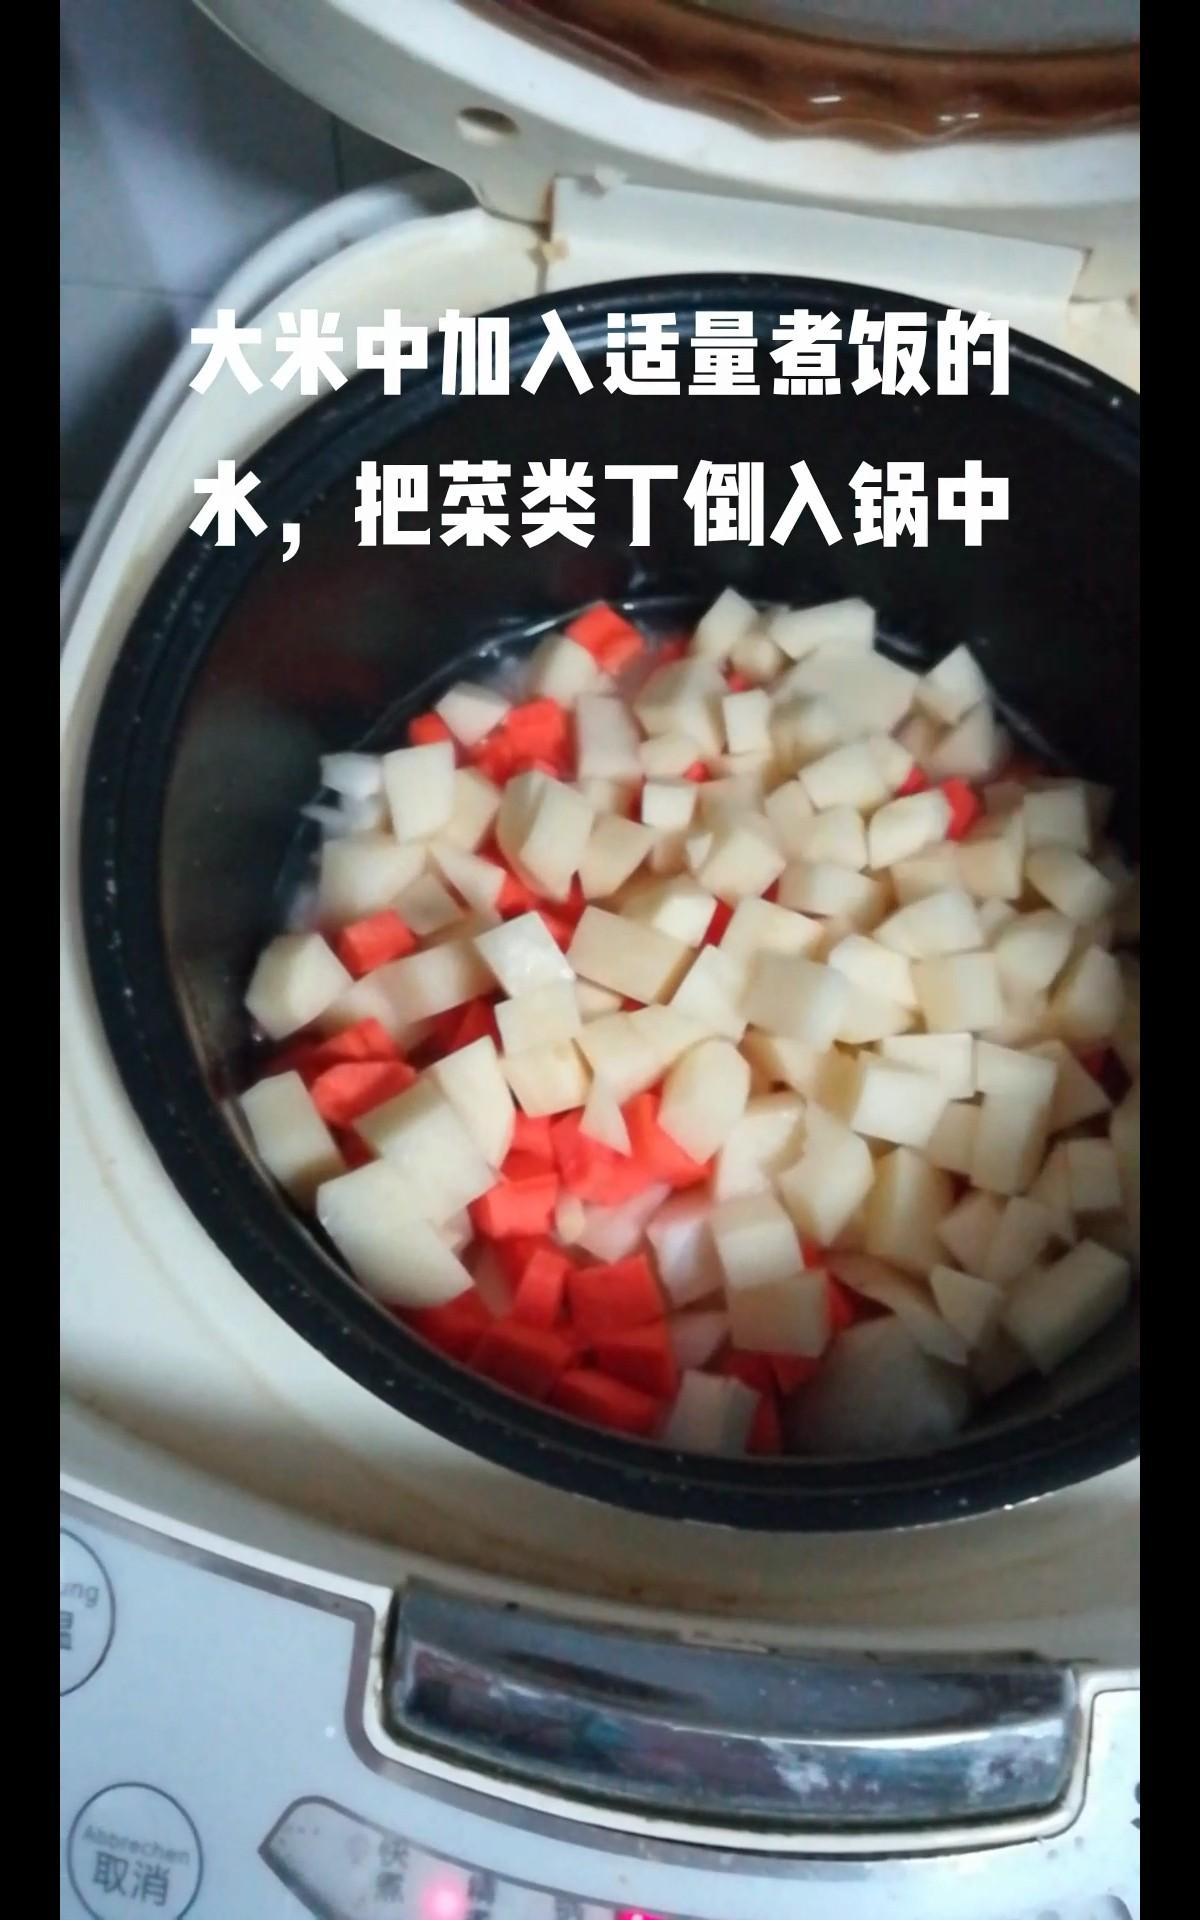 土豆腊味焖饭的简单做法